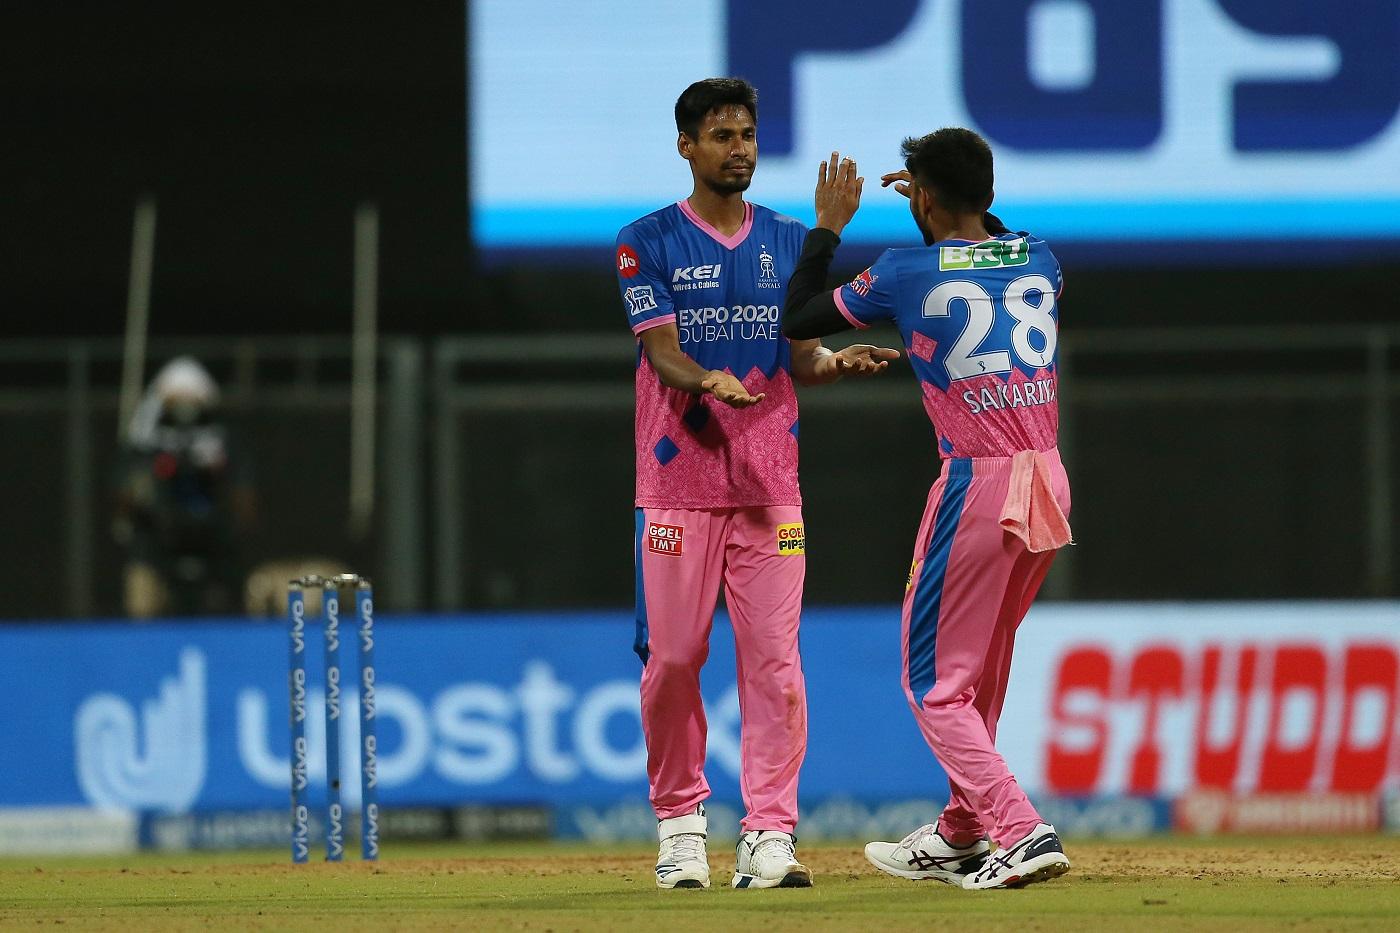 Mustafizur picked 3/20 | BCCI-IPL